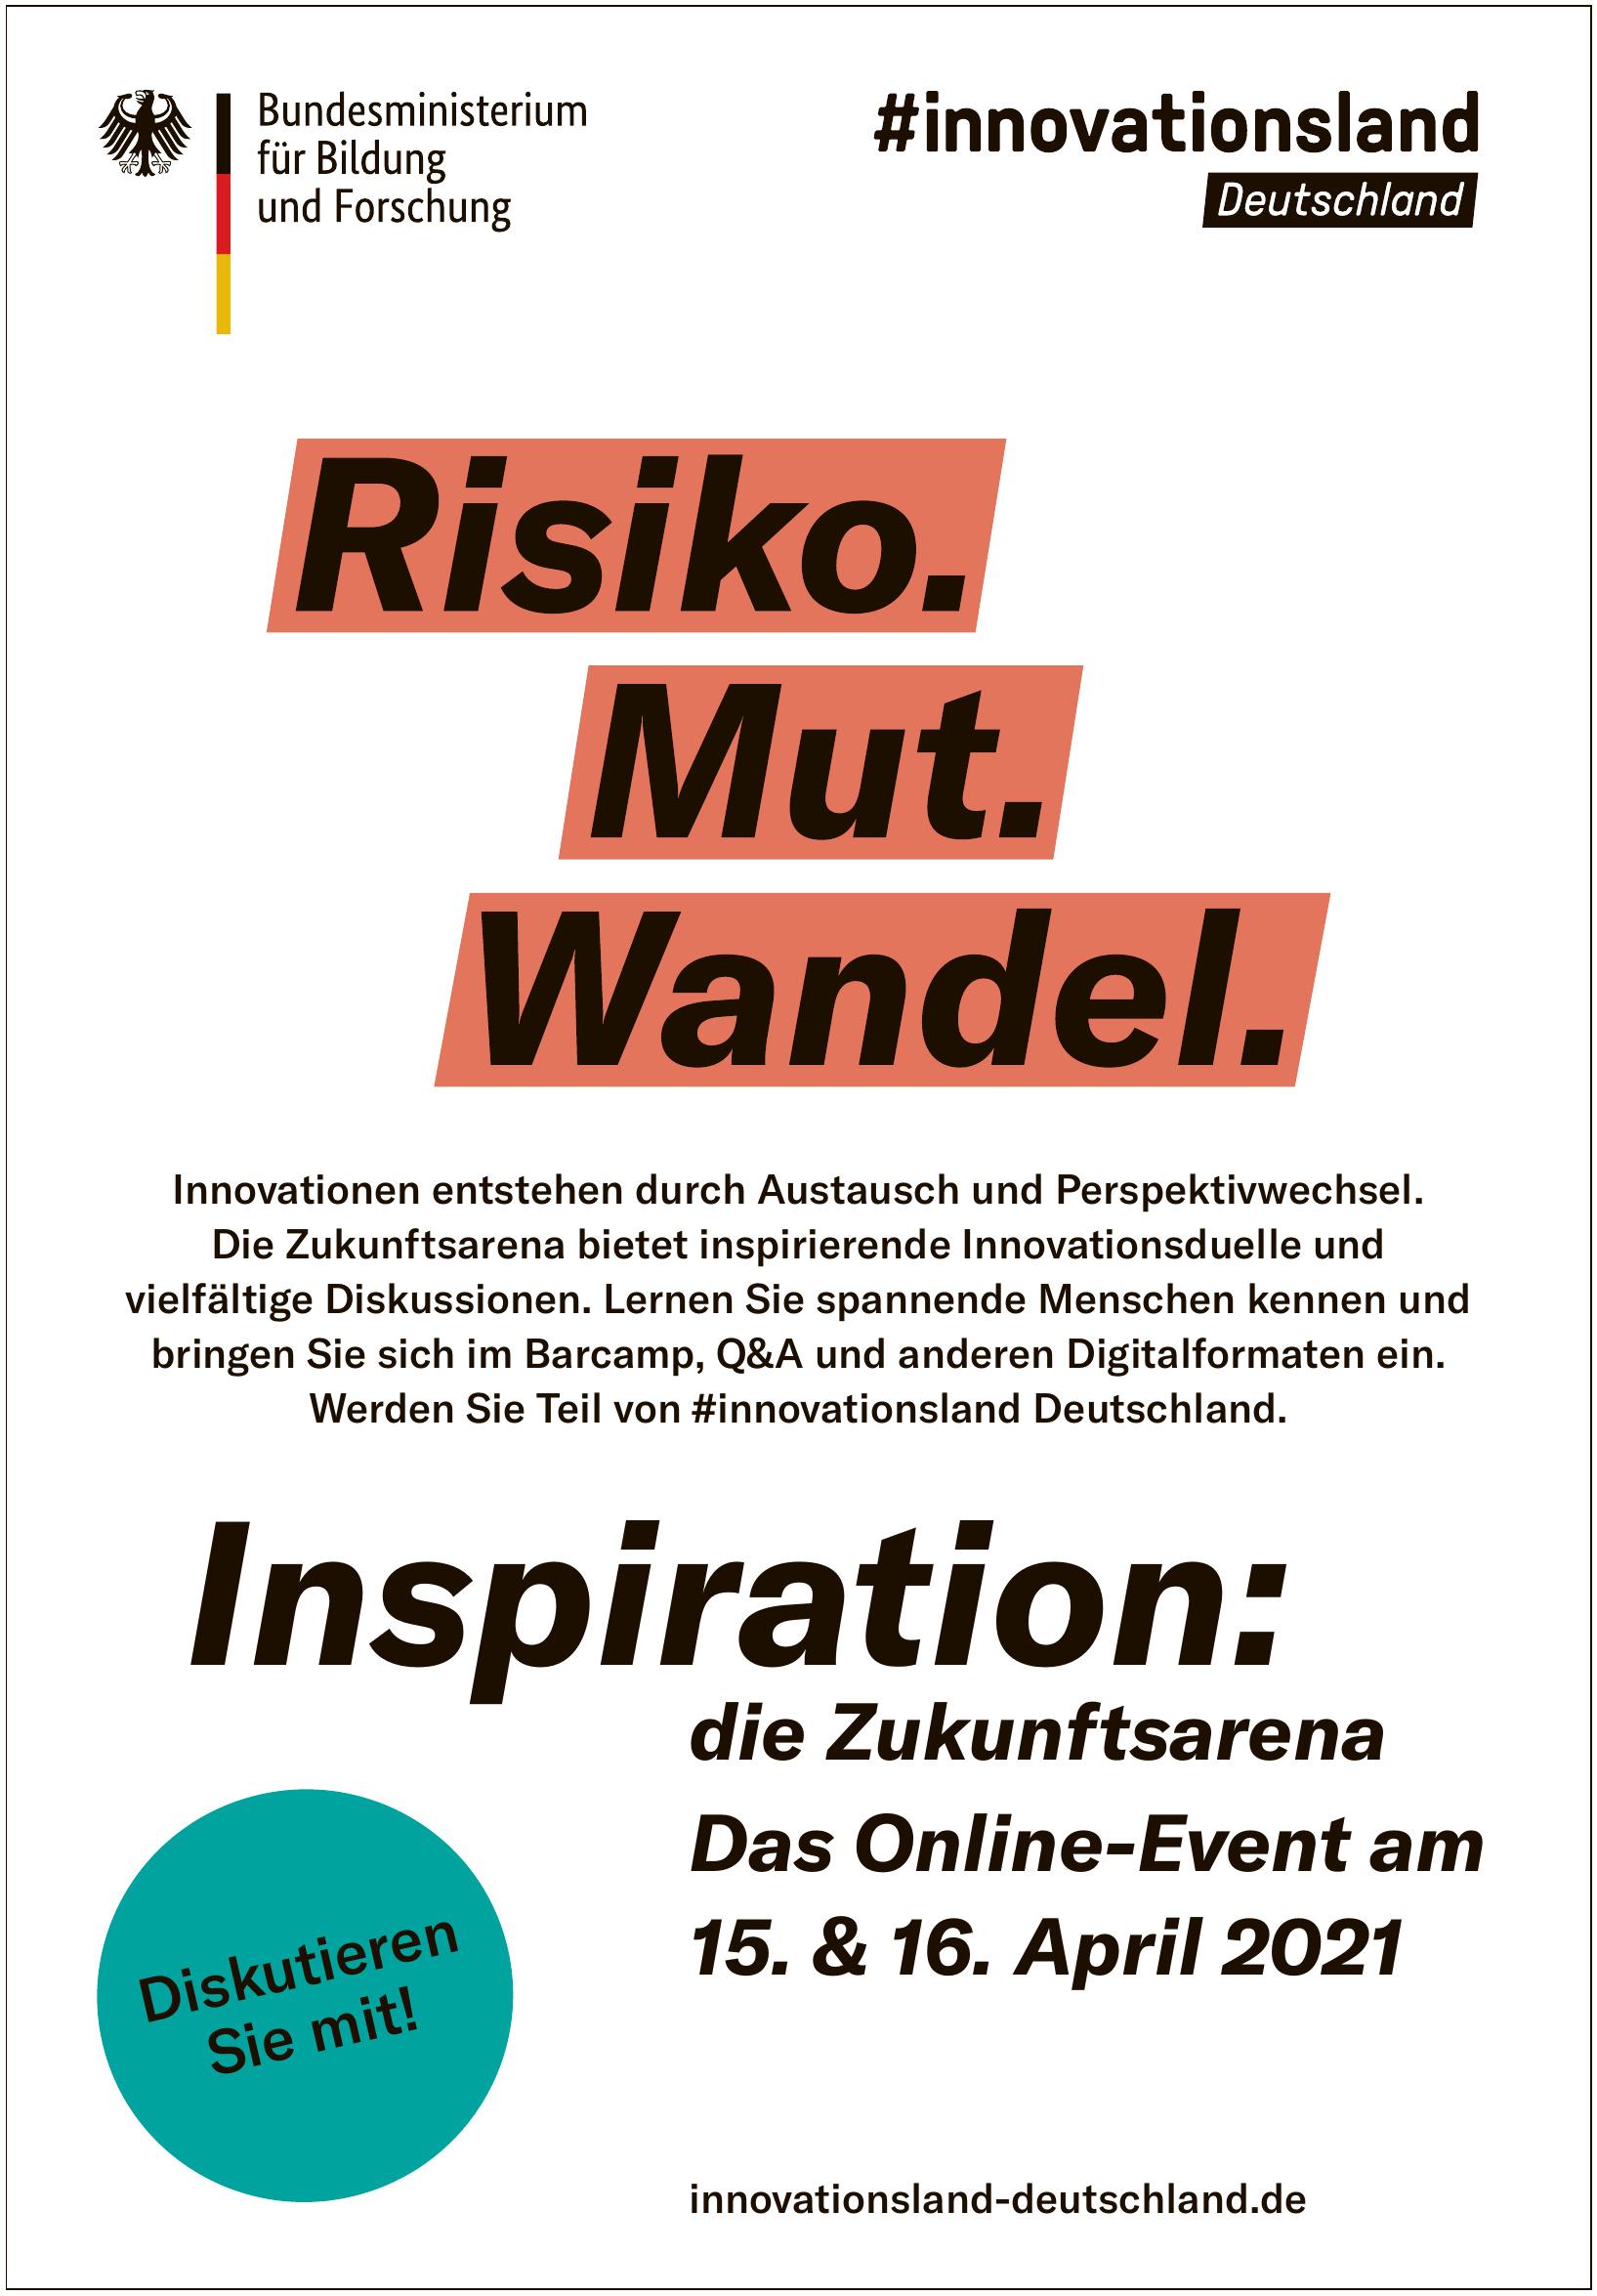 #innovationsland Deutschland